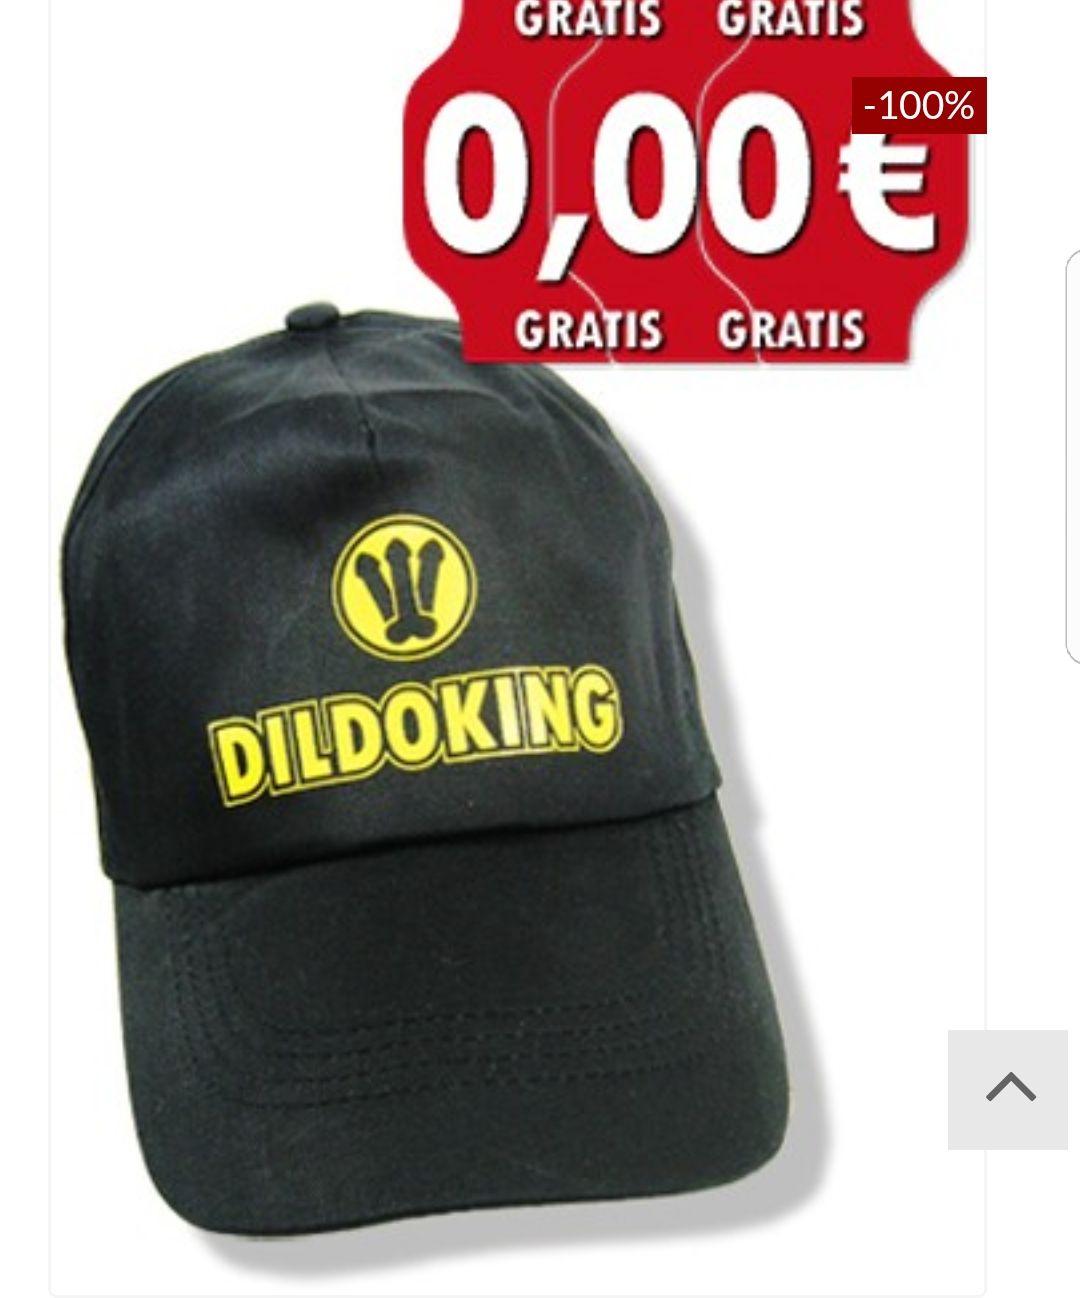 [DildoKing.de] 1x Ladyfinger Dildo + 1x Feuerzeug + 1x Basecap gratis + 10% auf die Bestellung